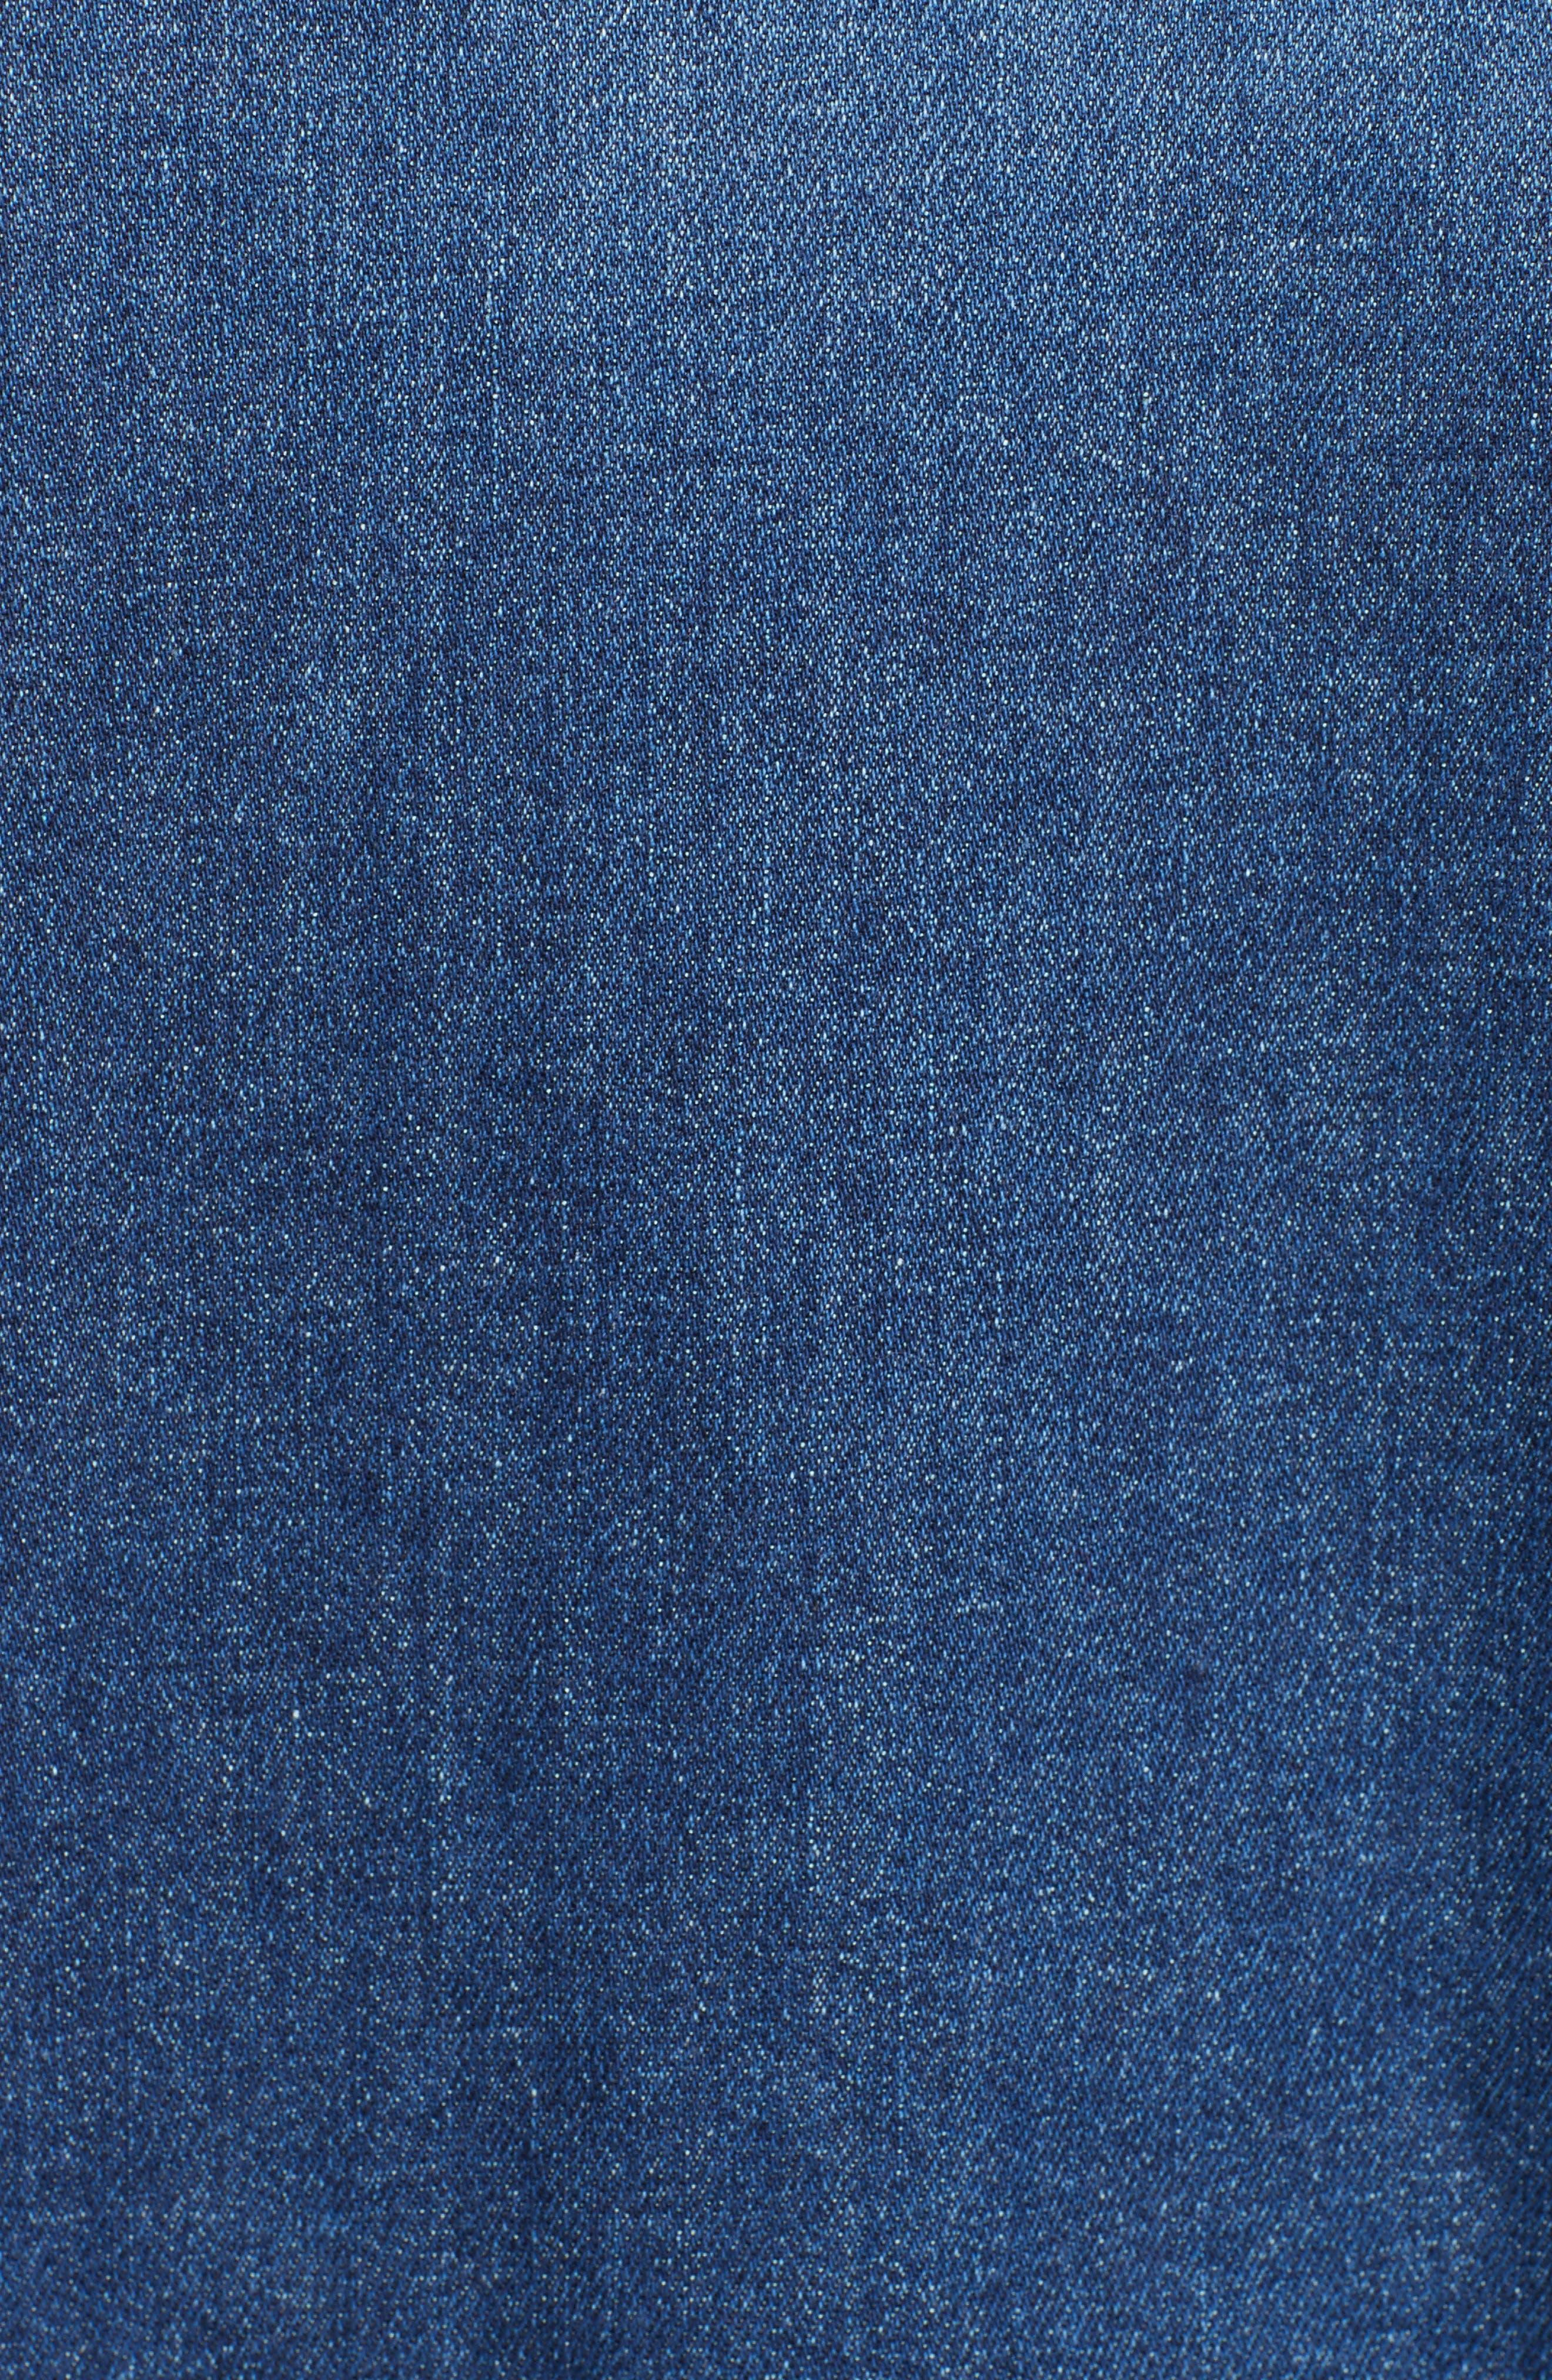 Stone Washed Denim Jacket,                             Alternate thumbnail 5, color,                             408